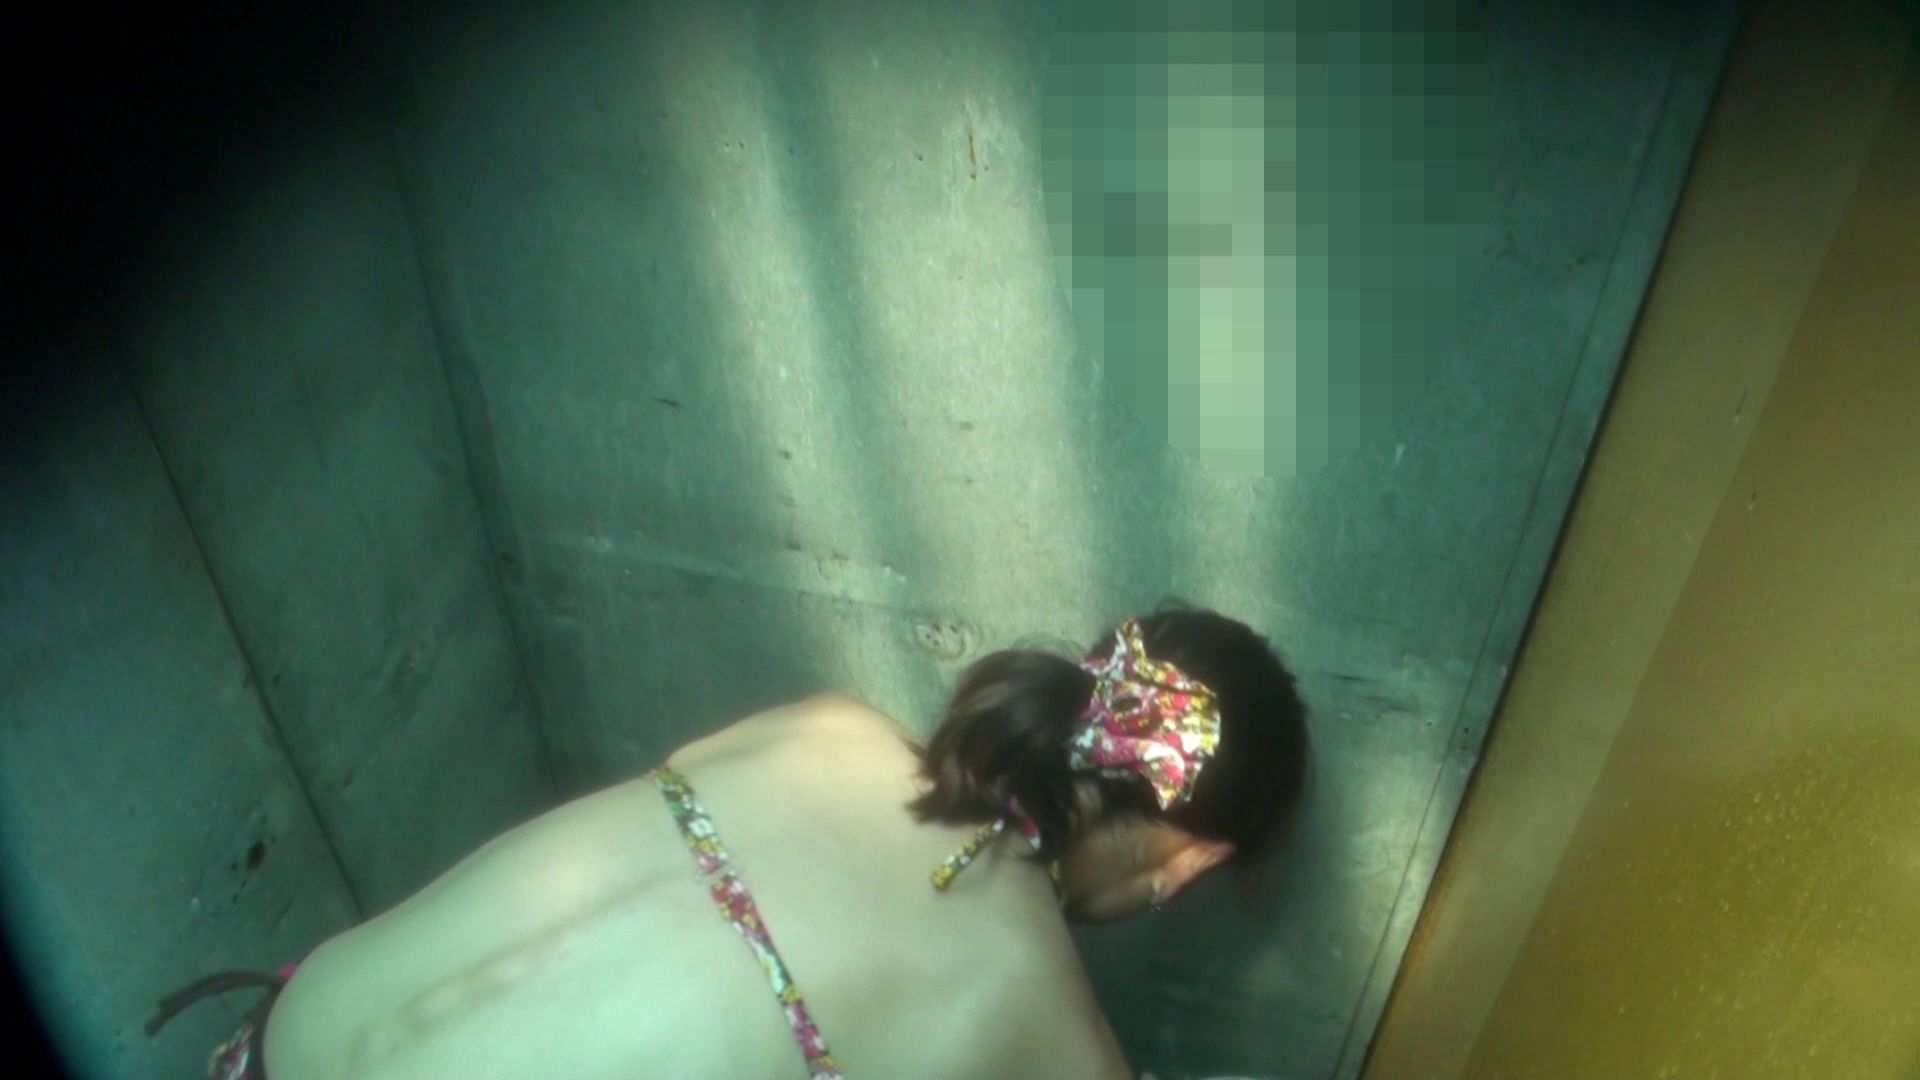 シャワールームは超!!危険な香りVol.16 意外に乳首は年増のそれ シャワー 戯れ無修正画像 44連発 43